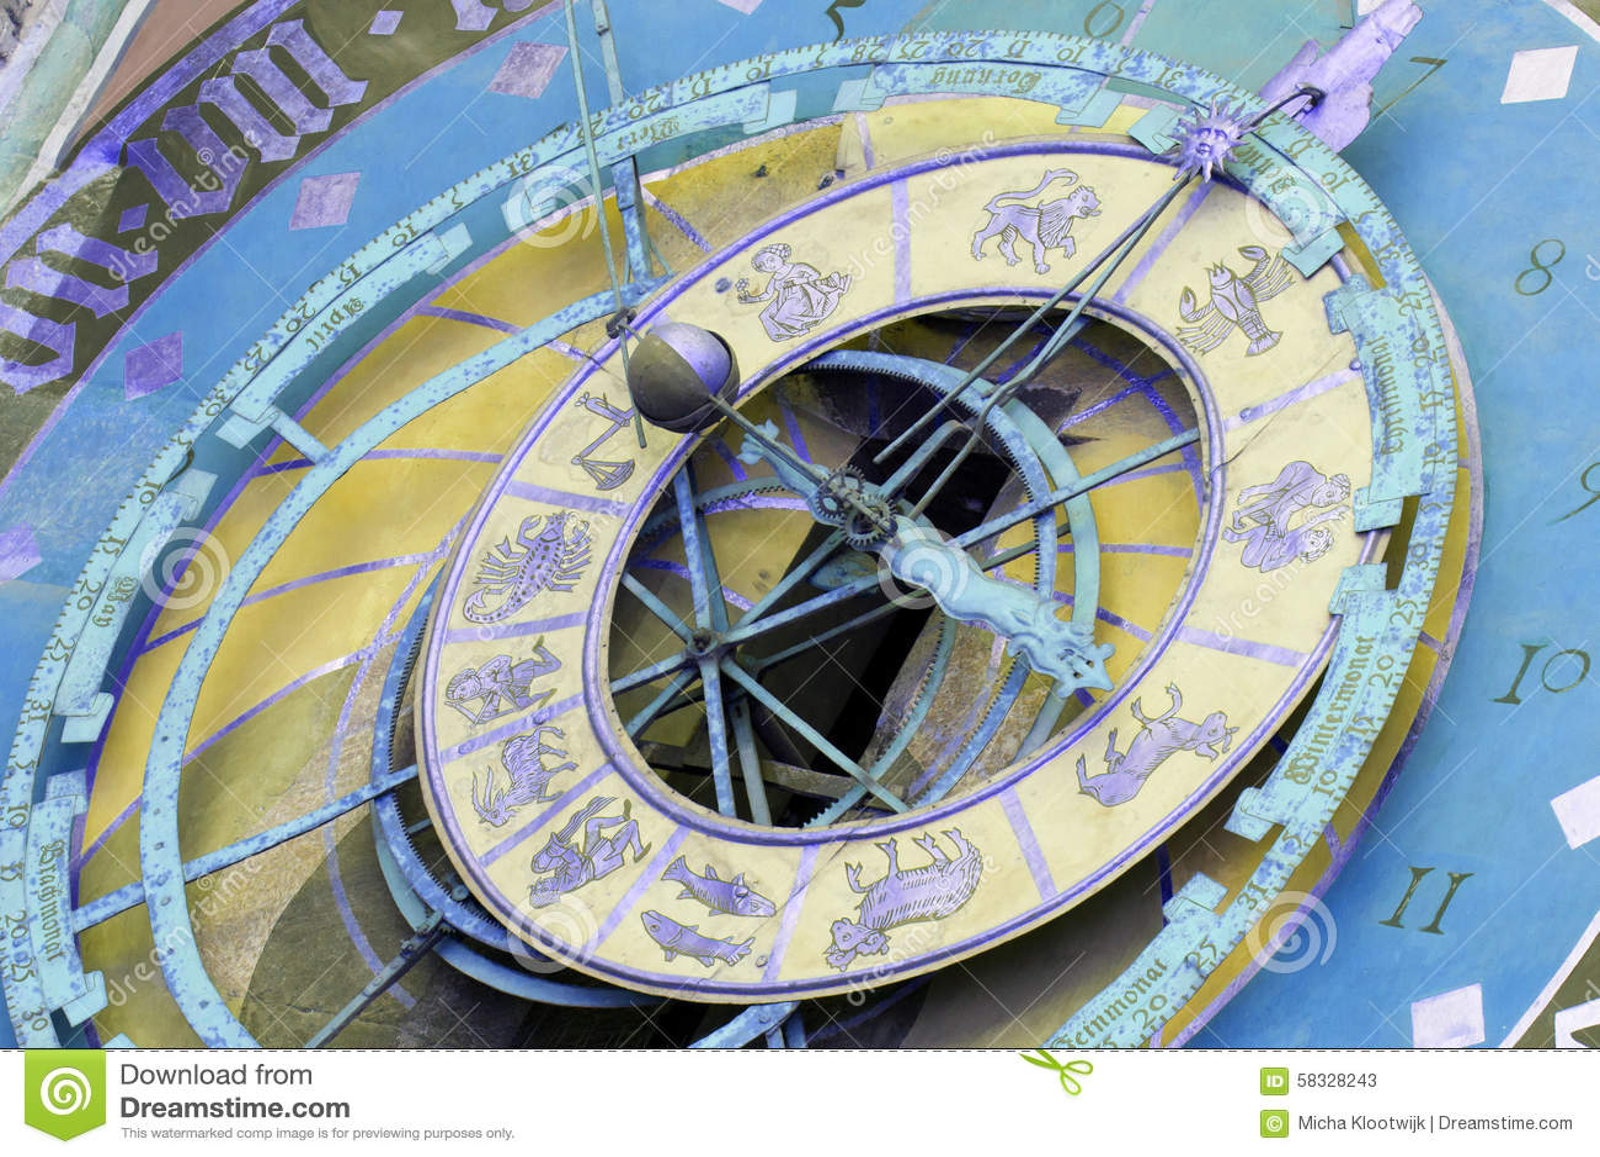 Zytglogge黄道带时钟在伯尔尼,瑞士